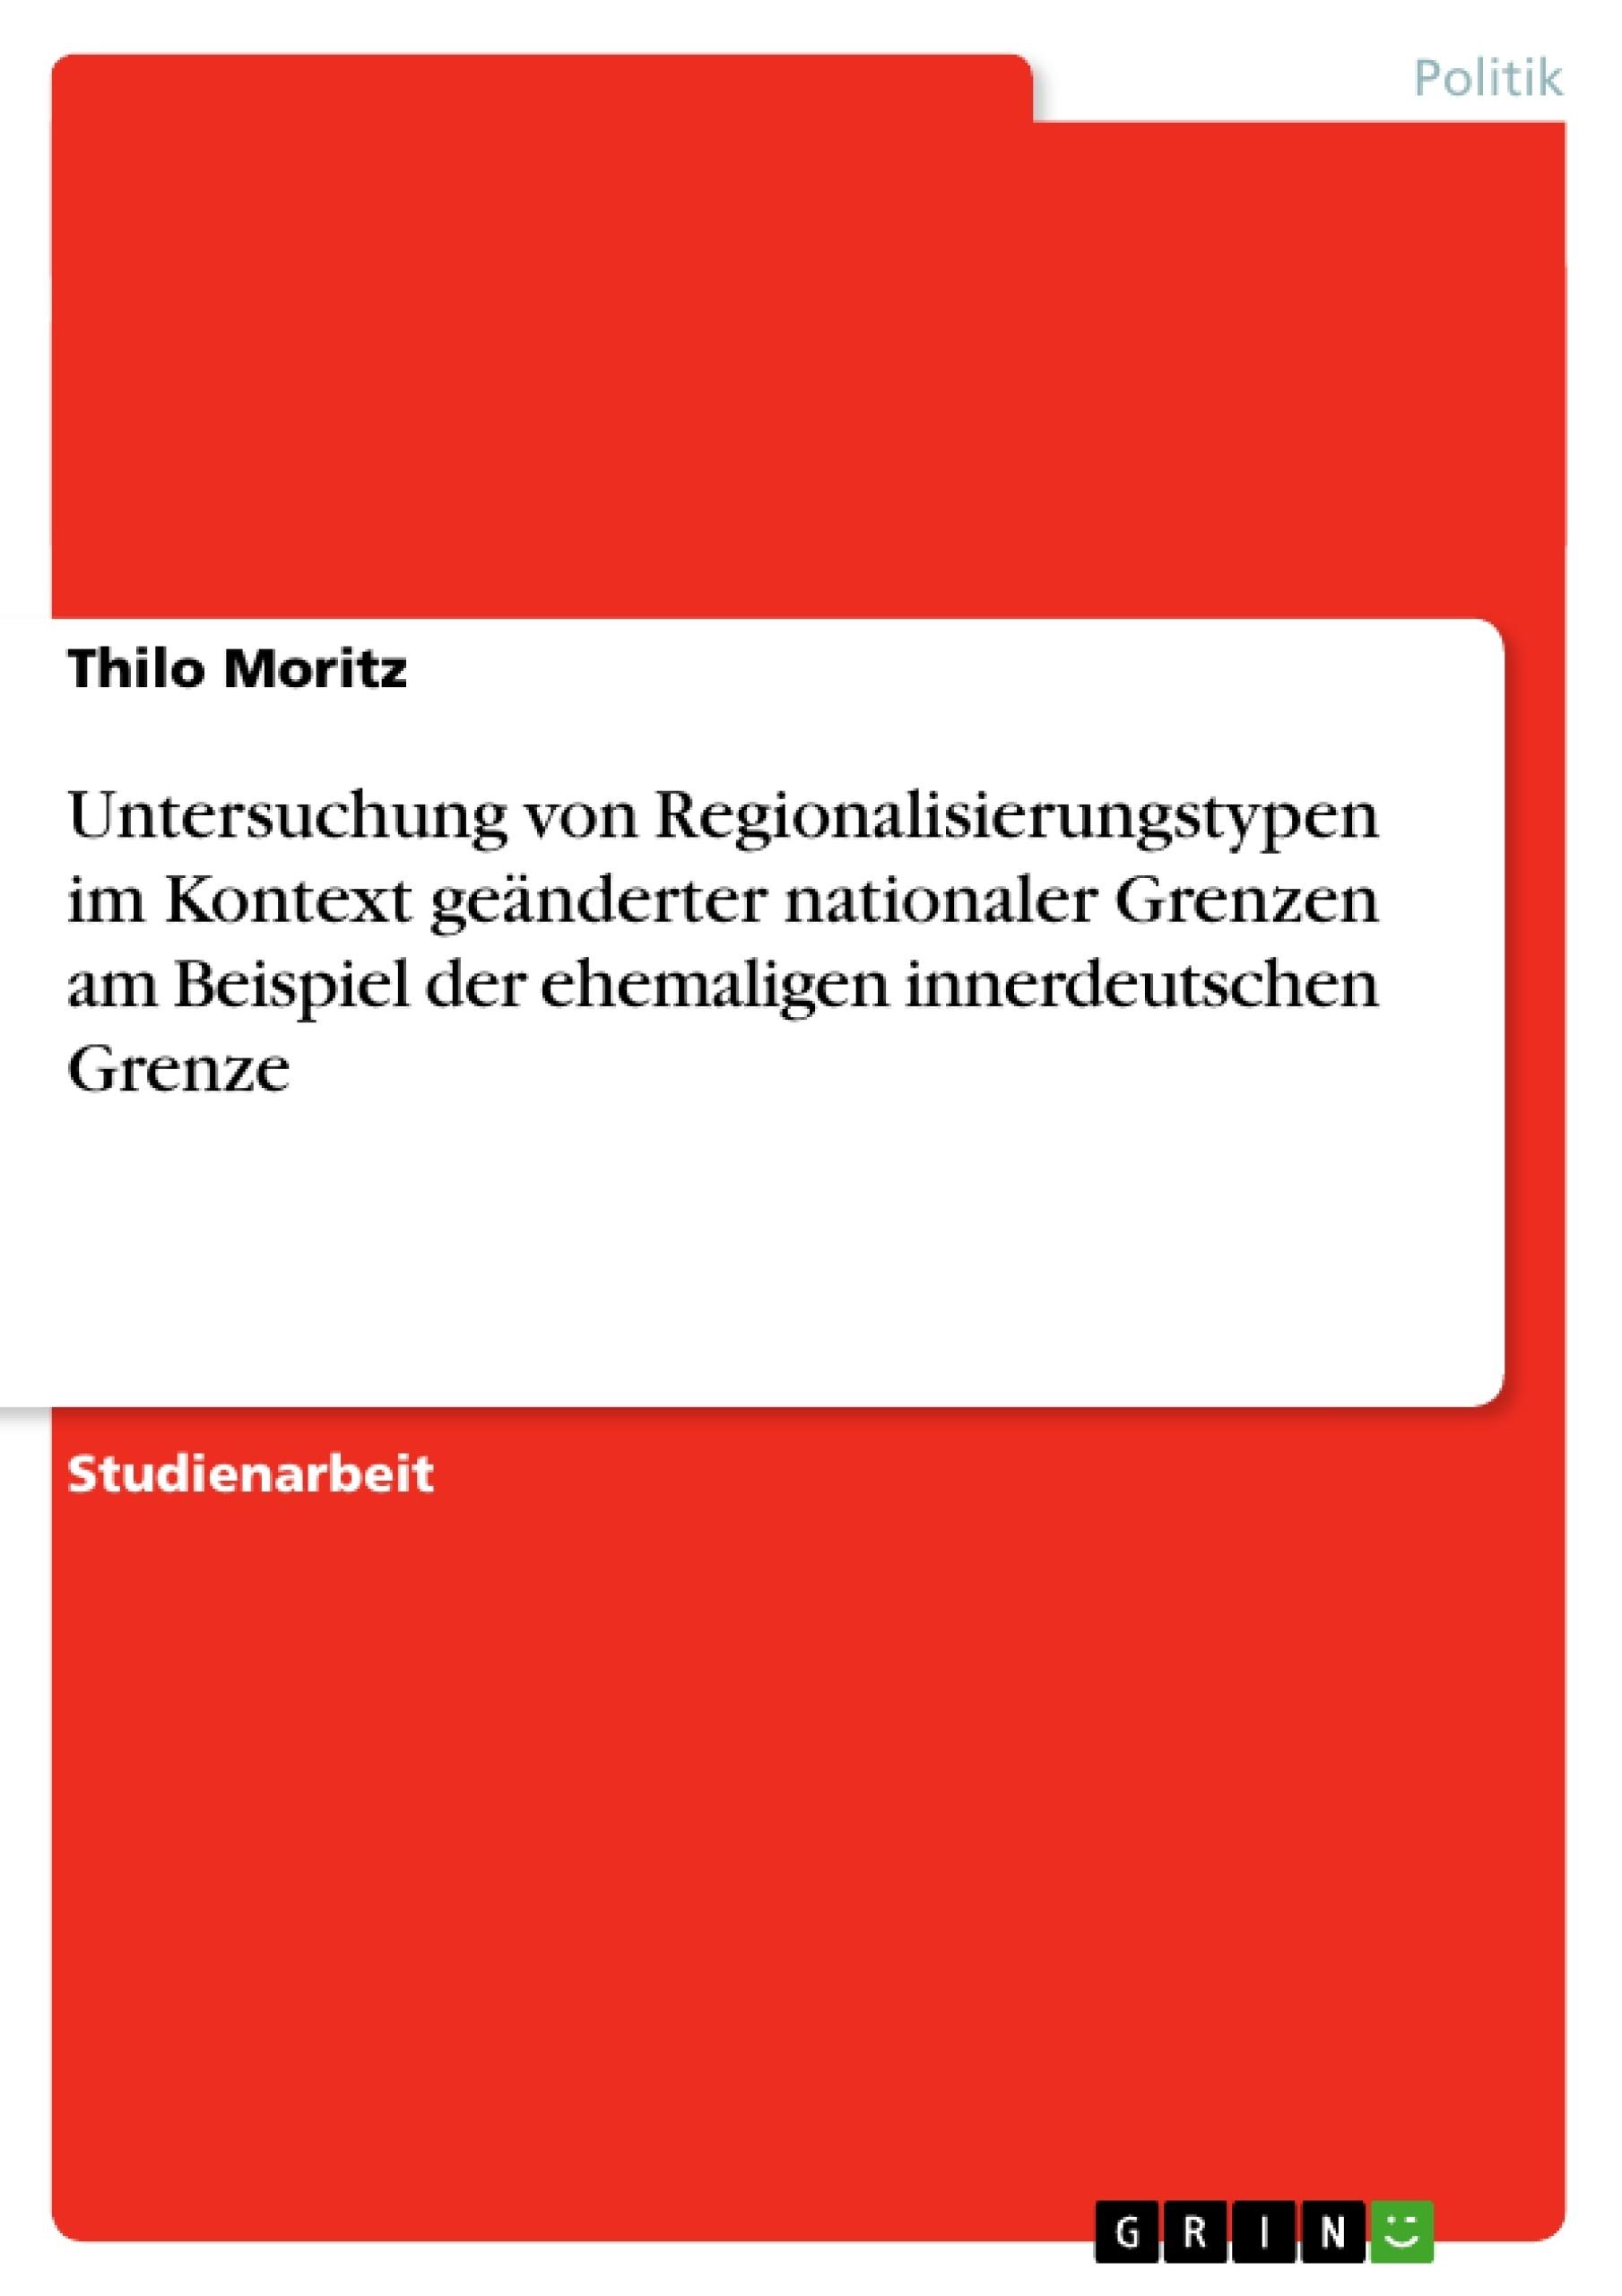 Titel: Untersuchung von Regionalisierungstypen im Kontext geänderter nationaler Grenzen am Beispiel der ehemaligen innerdeutschen Grenze